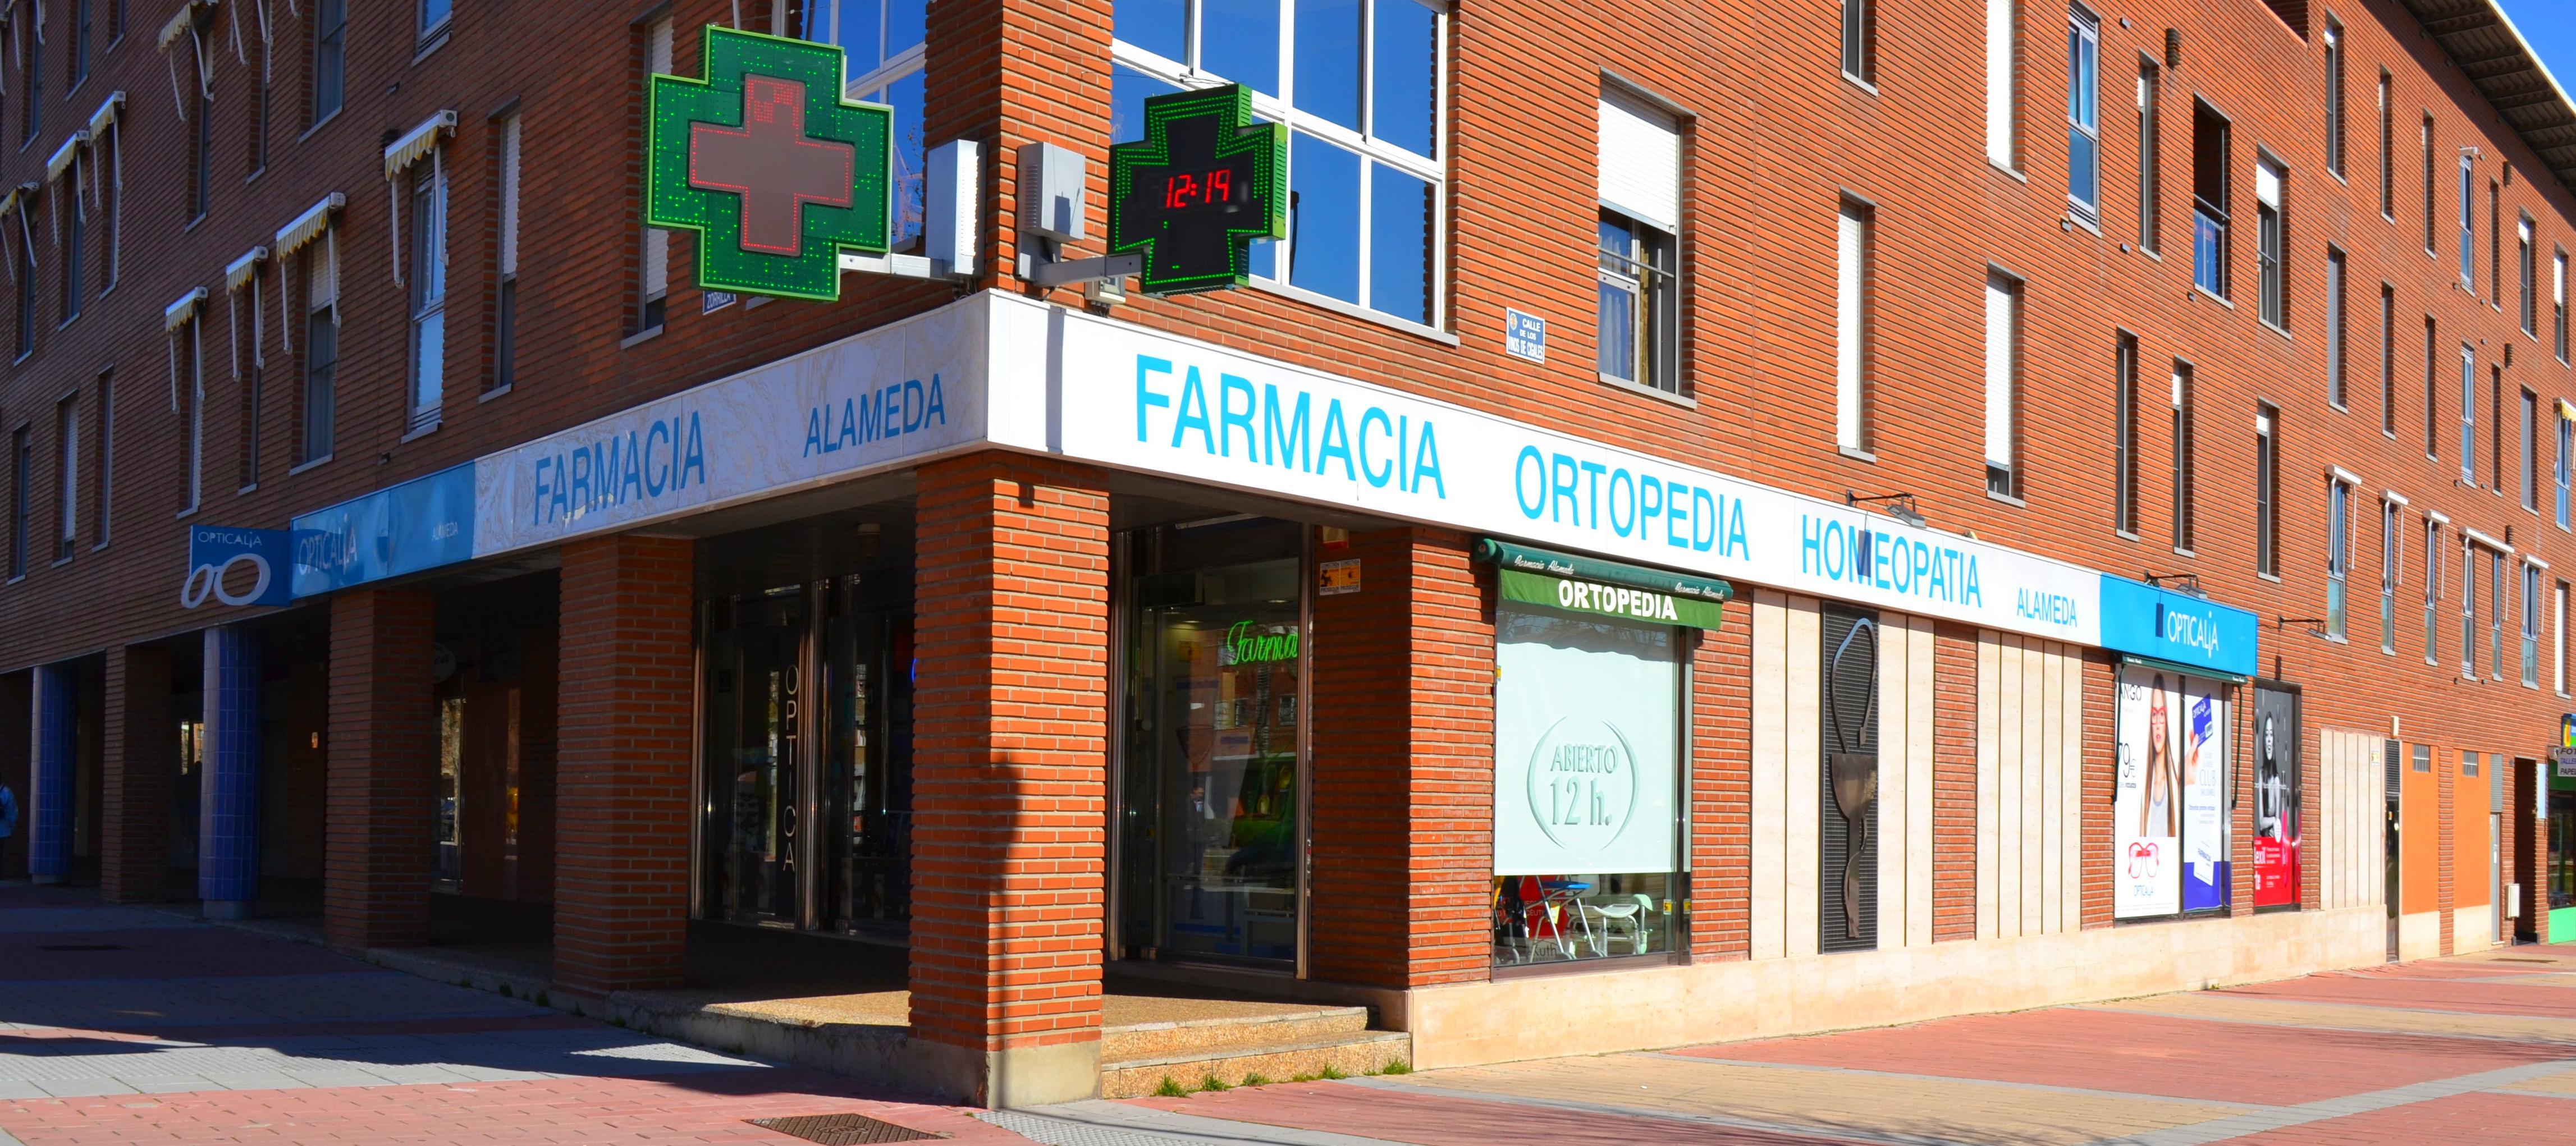 Foto 1 de Farmacias en Valladolid | Farmacia Parque Alameda